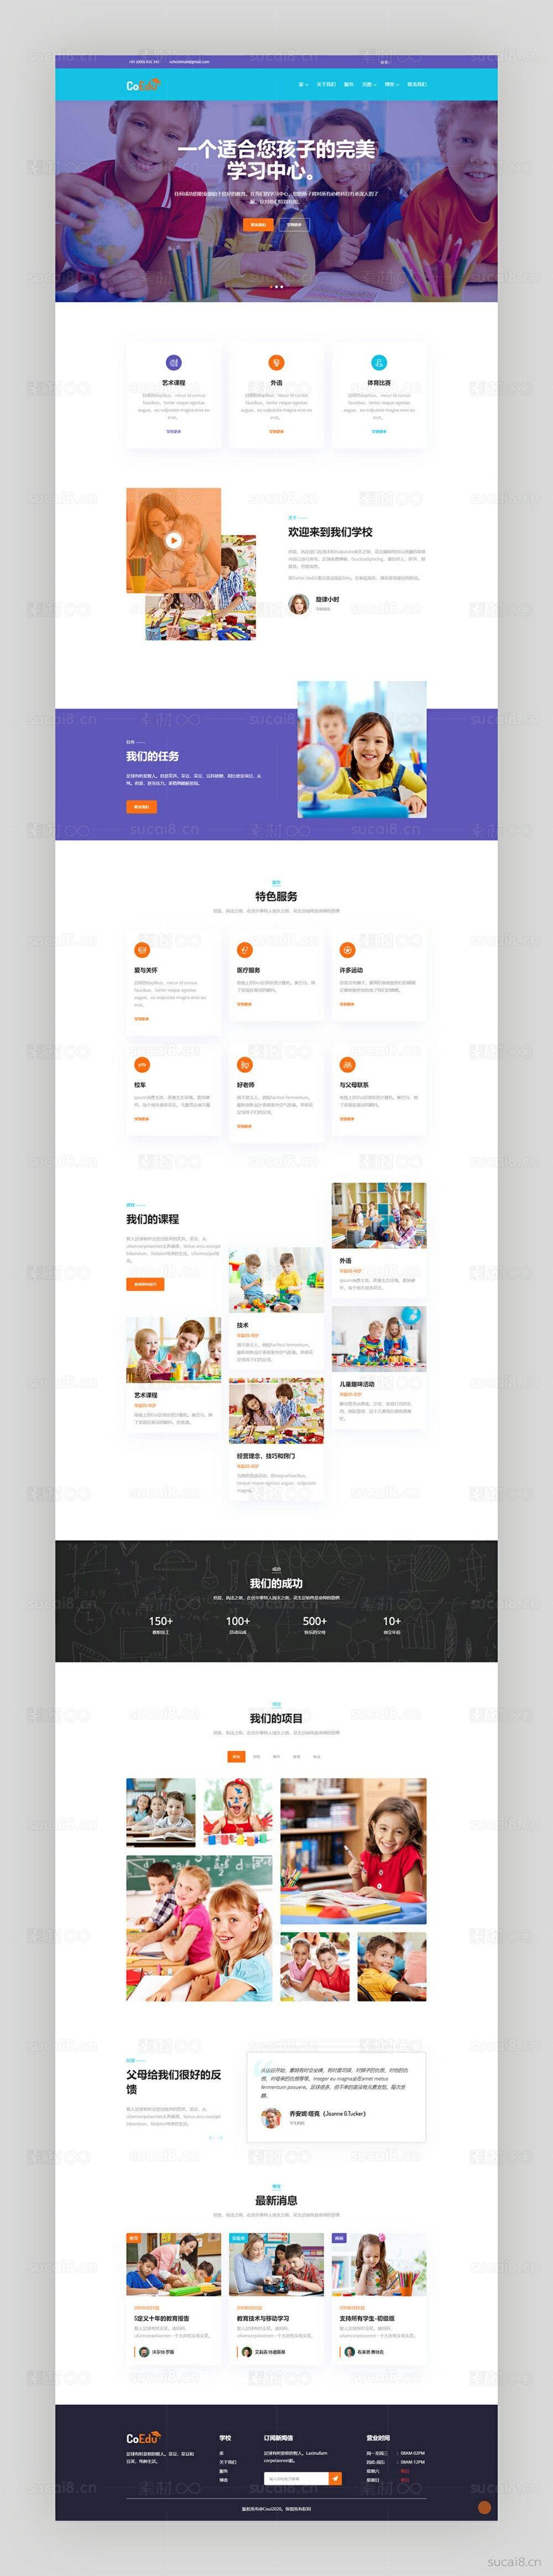 多功能学校教育官方网站HTML5模板